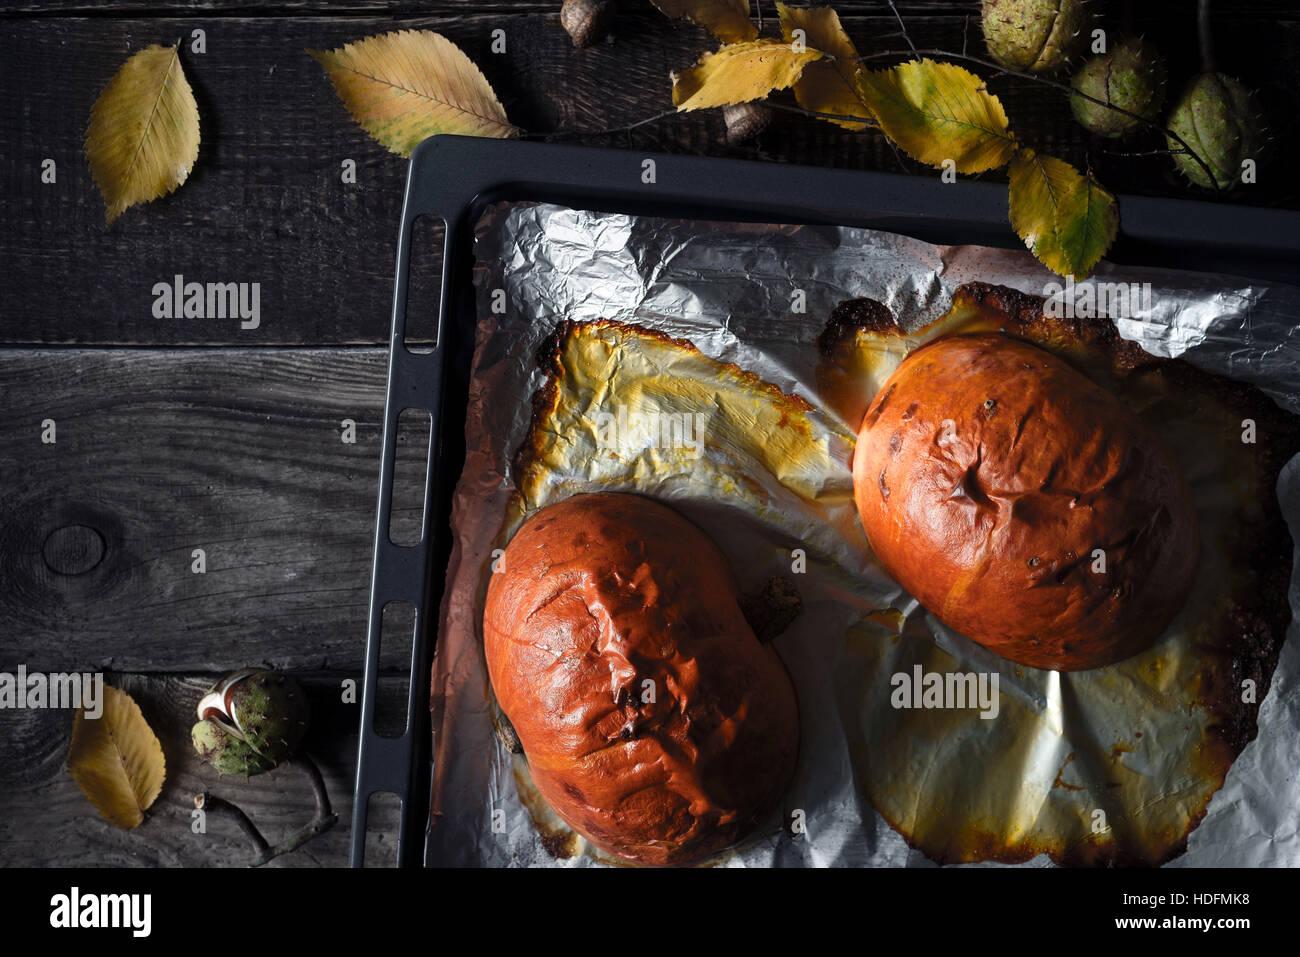 Moitiés de potiron cuit au four sur la plaque de cuisson sur la table en bois Vue de dessus Photo Stock